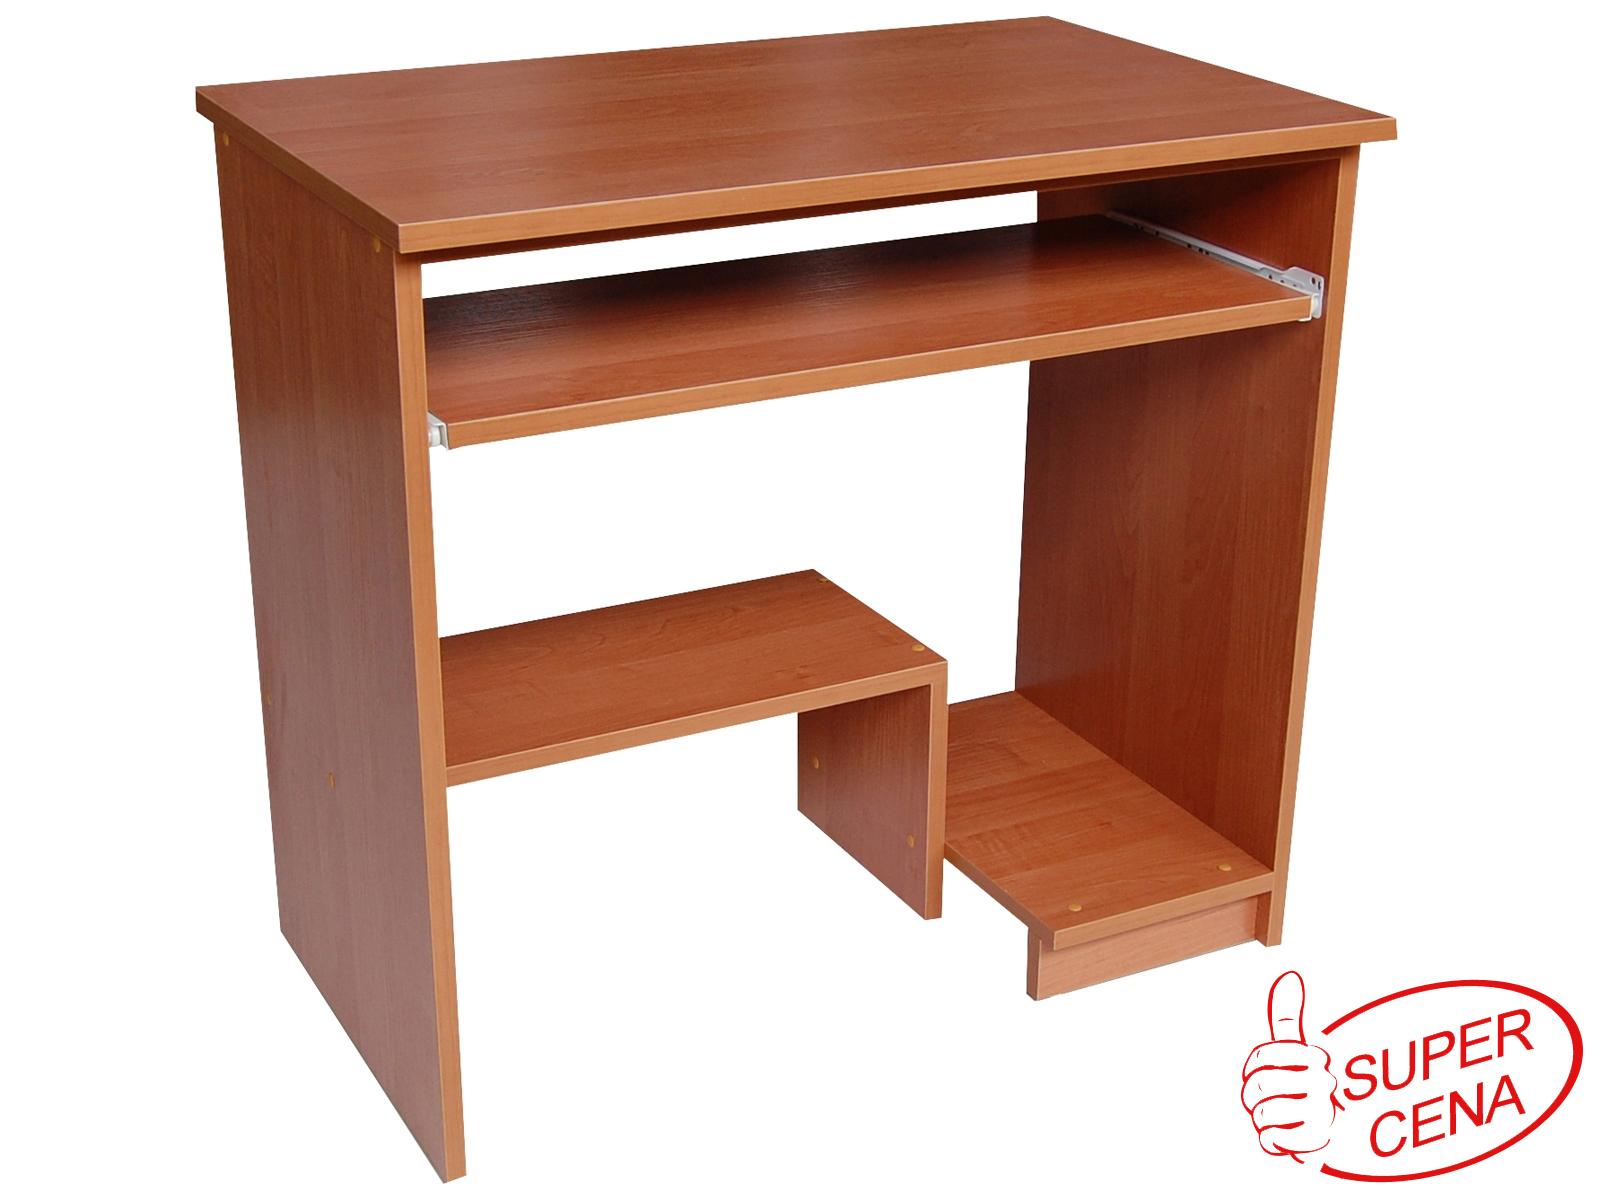 PC stolek - WIP-GK - Promo 1